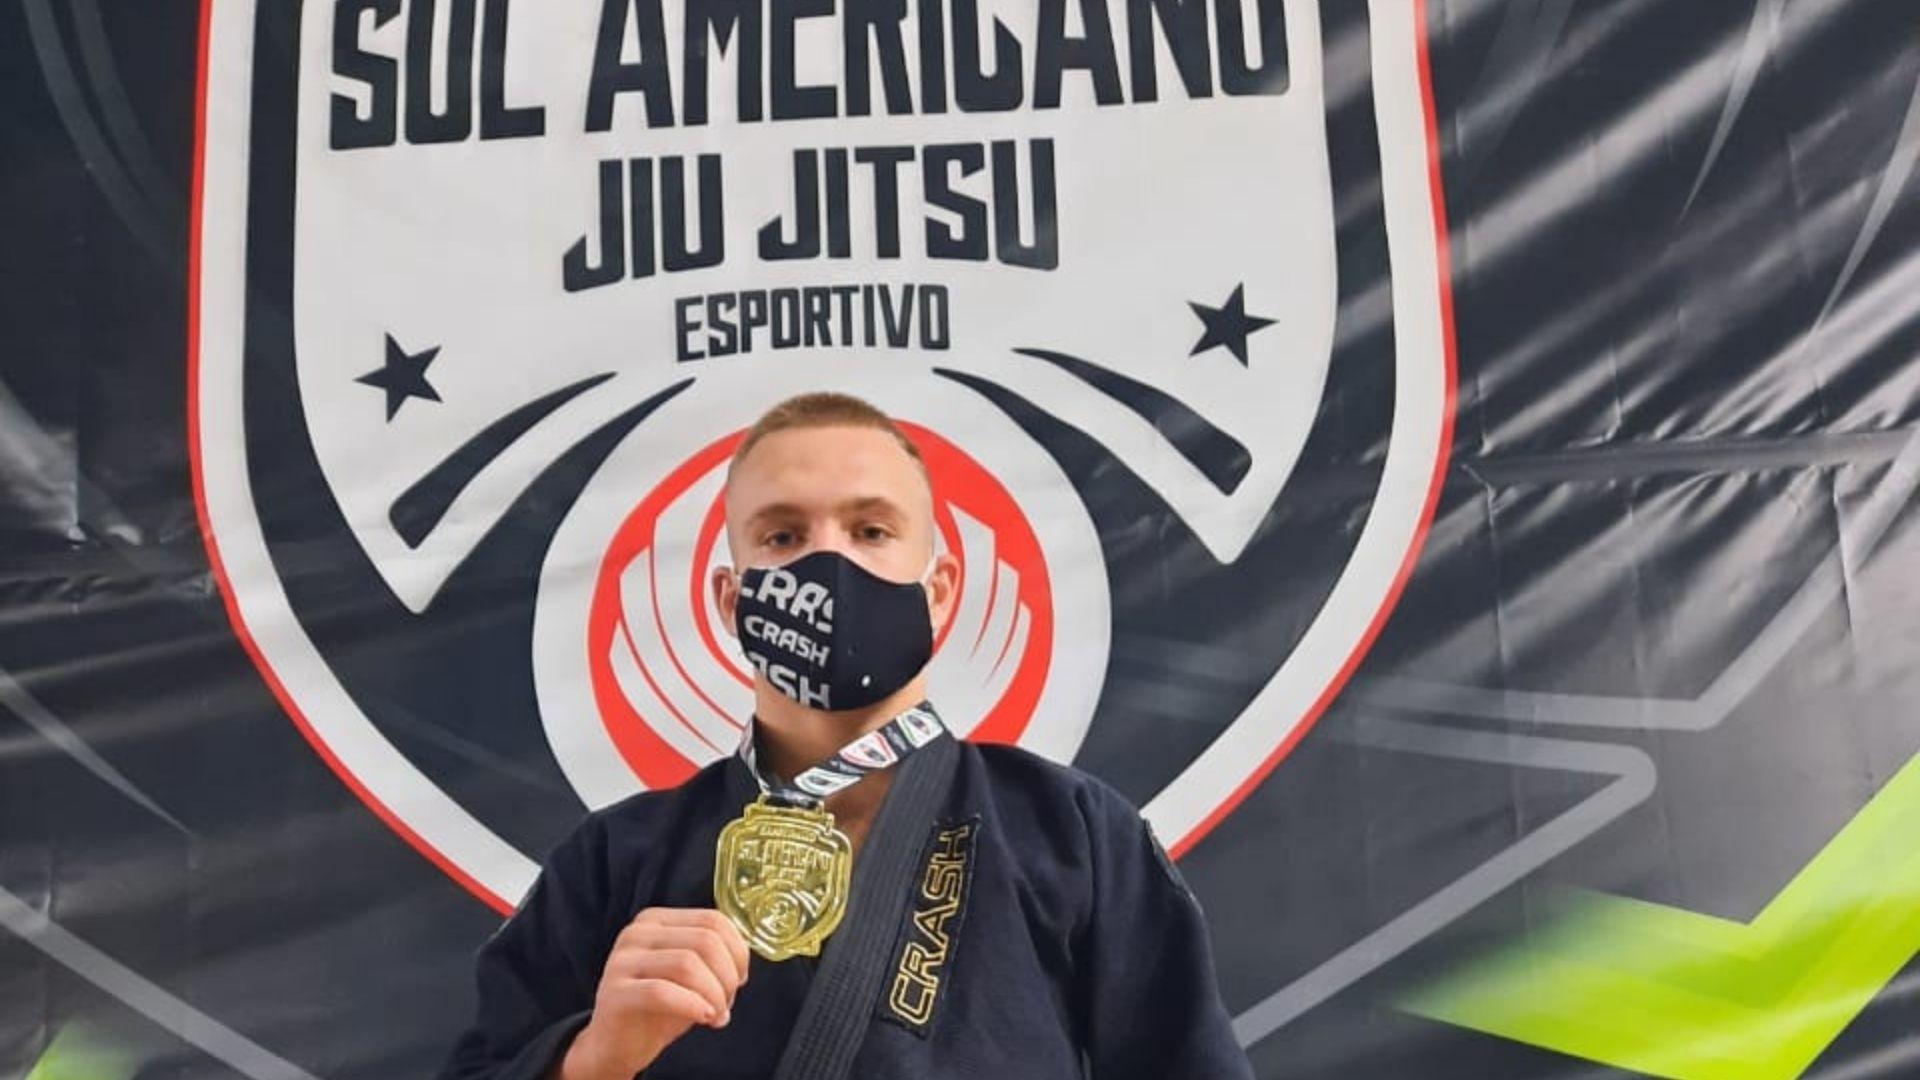 Lutador joinvilense vence competição e se torna Campeão Sul-Americano de Jiu-Jitsu